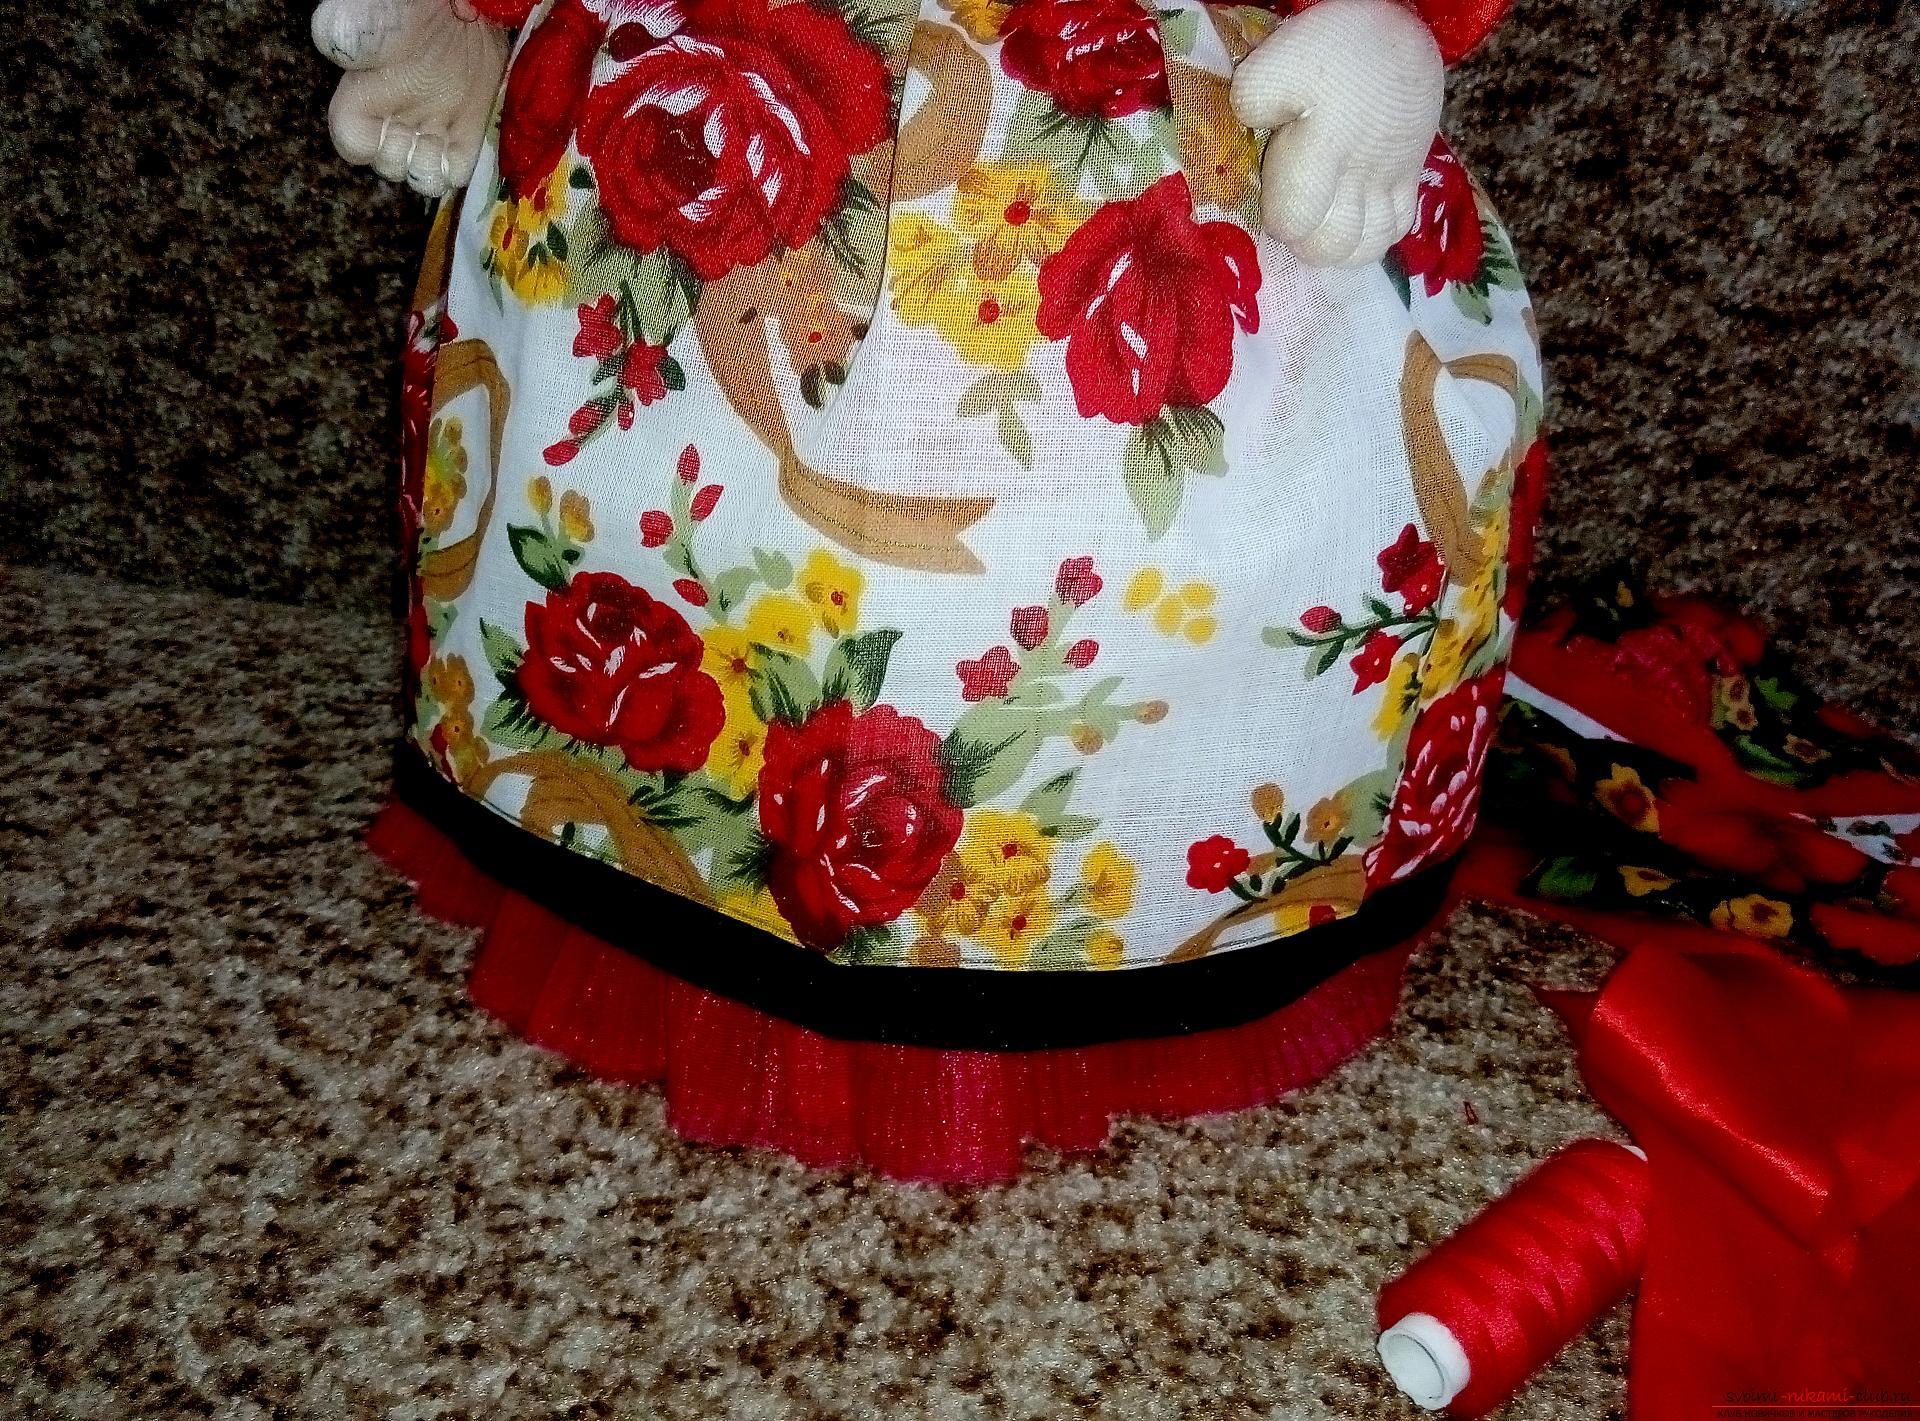 Куклы на заварочный чайник своими руками 63